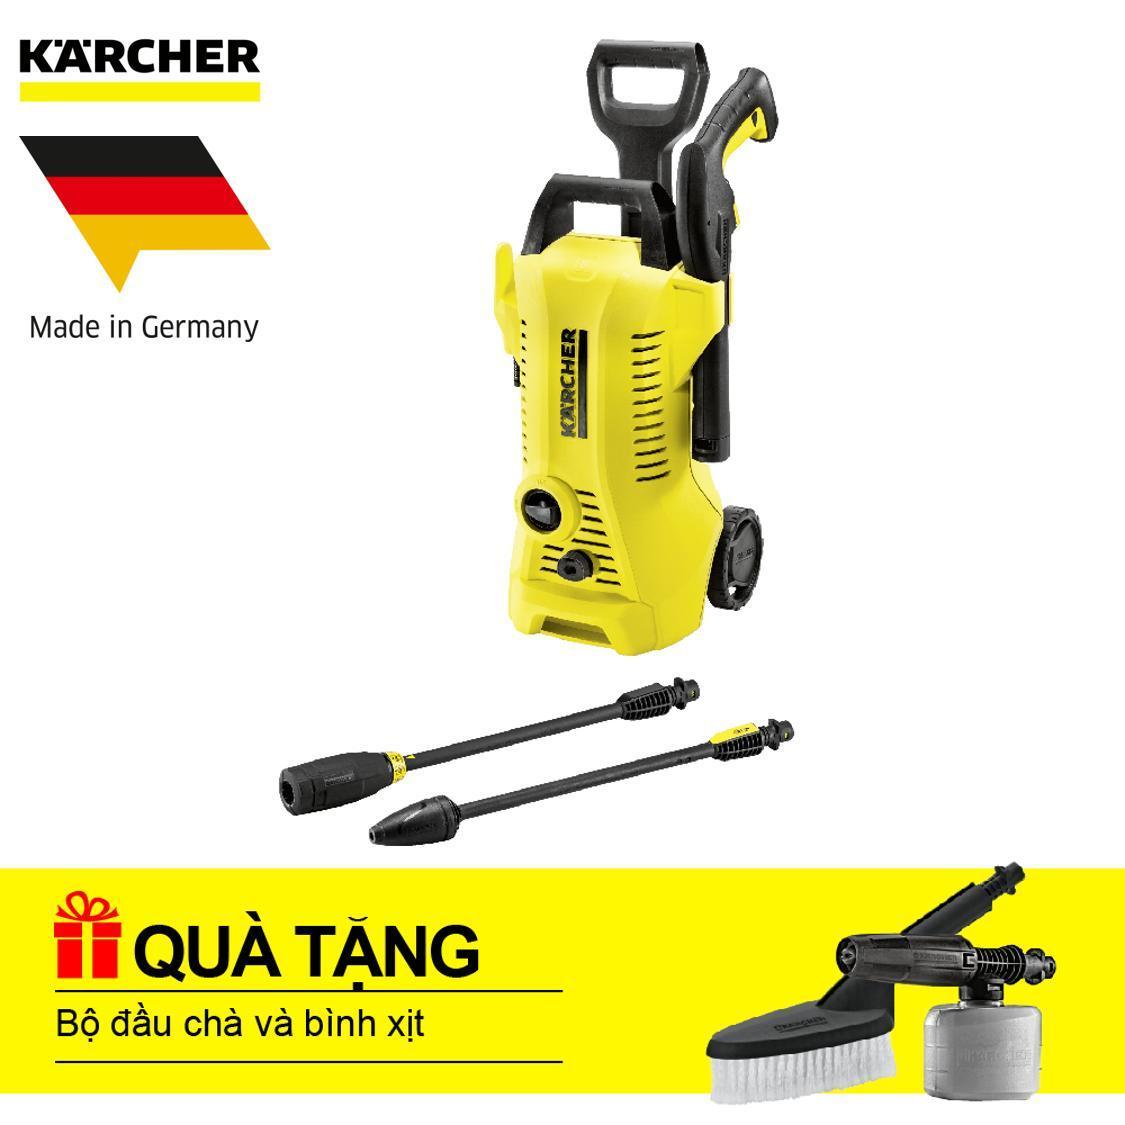 Máy phun rửa áp lực cao Karcher, K 3.450 + Tặng bộ đầu chà và bình xịt